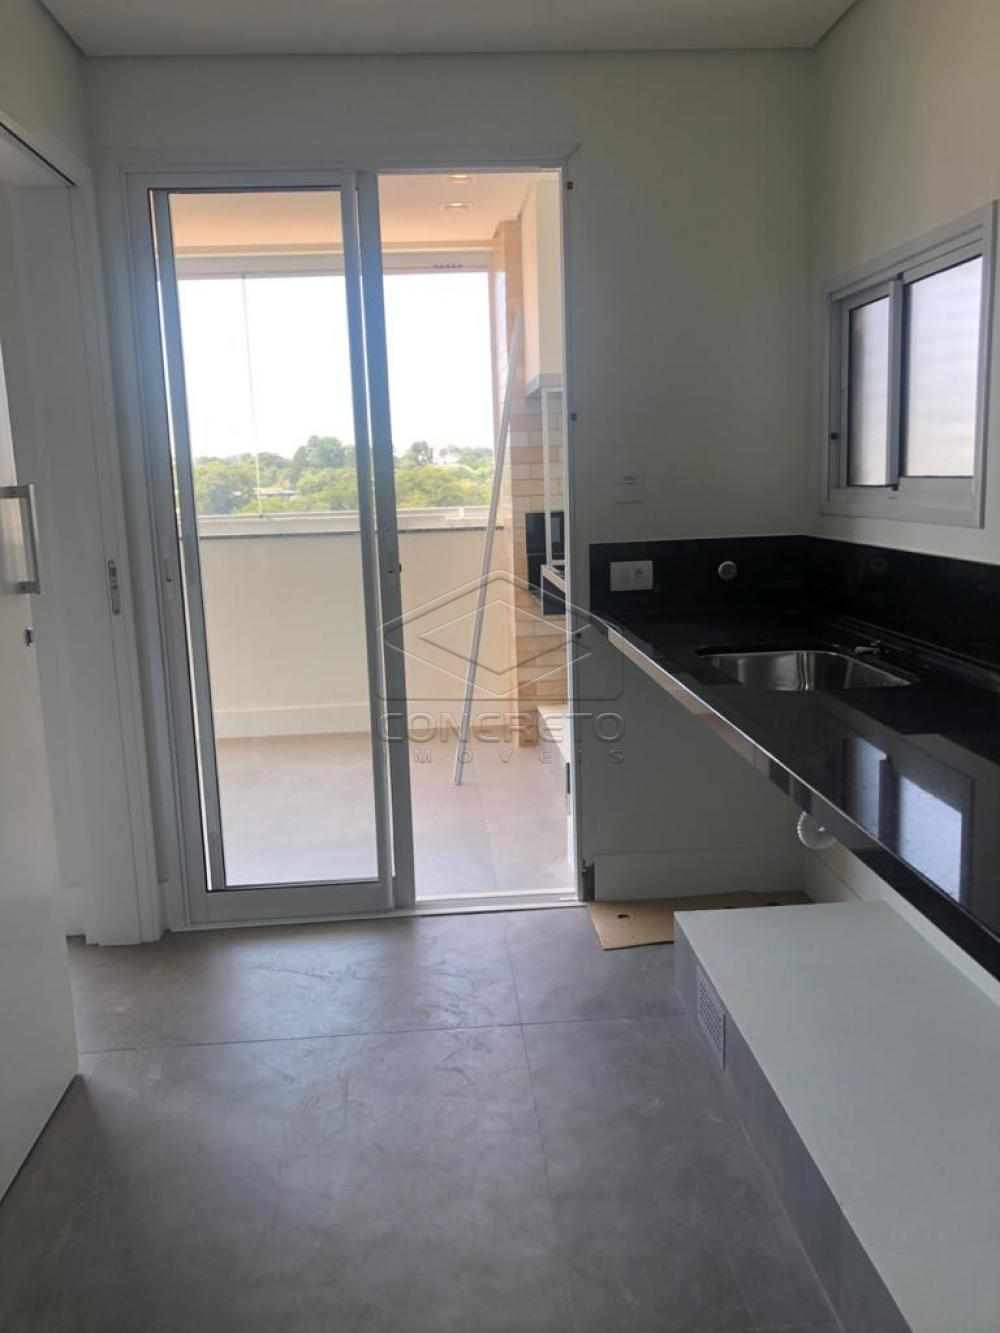 Comprar Apartamento / Padrão em Bauru R$ 630.000,00 - Foto 26